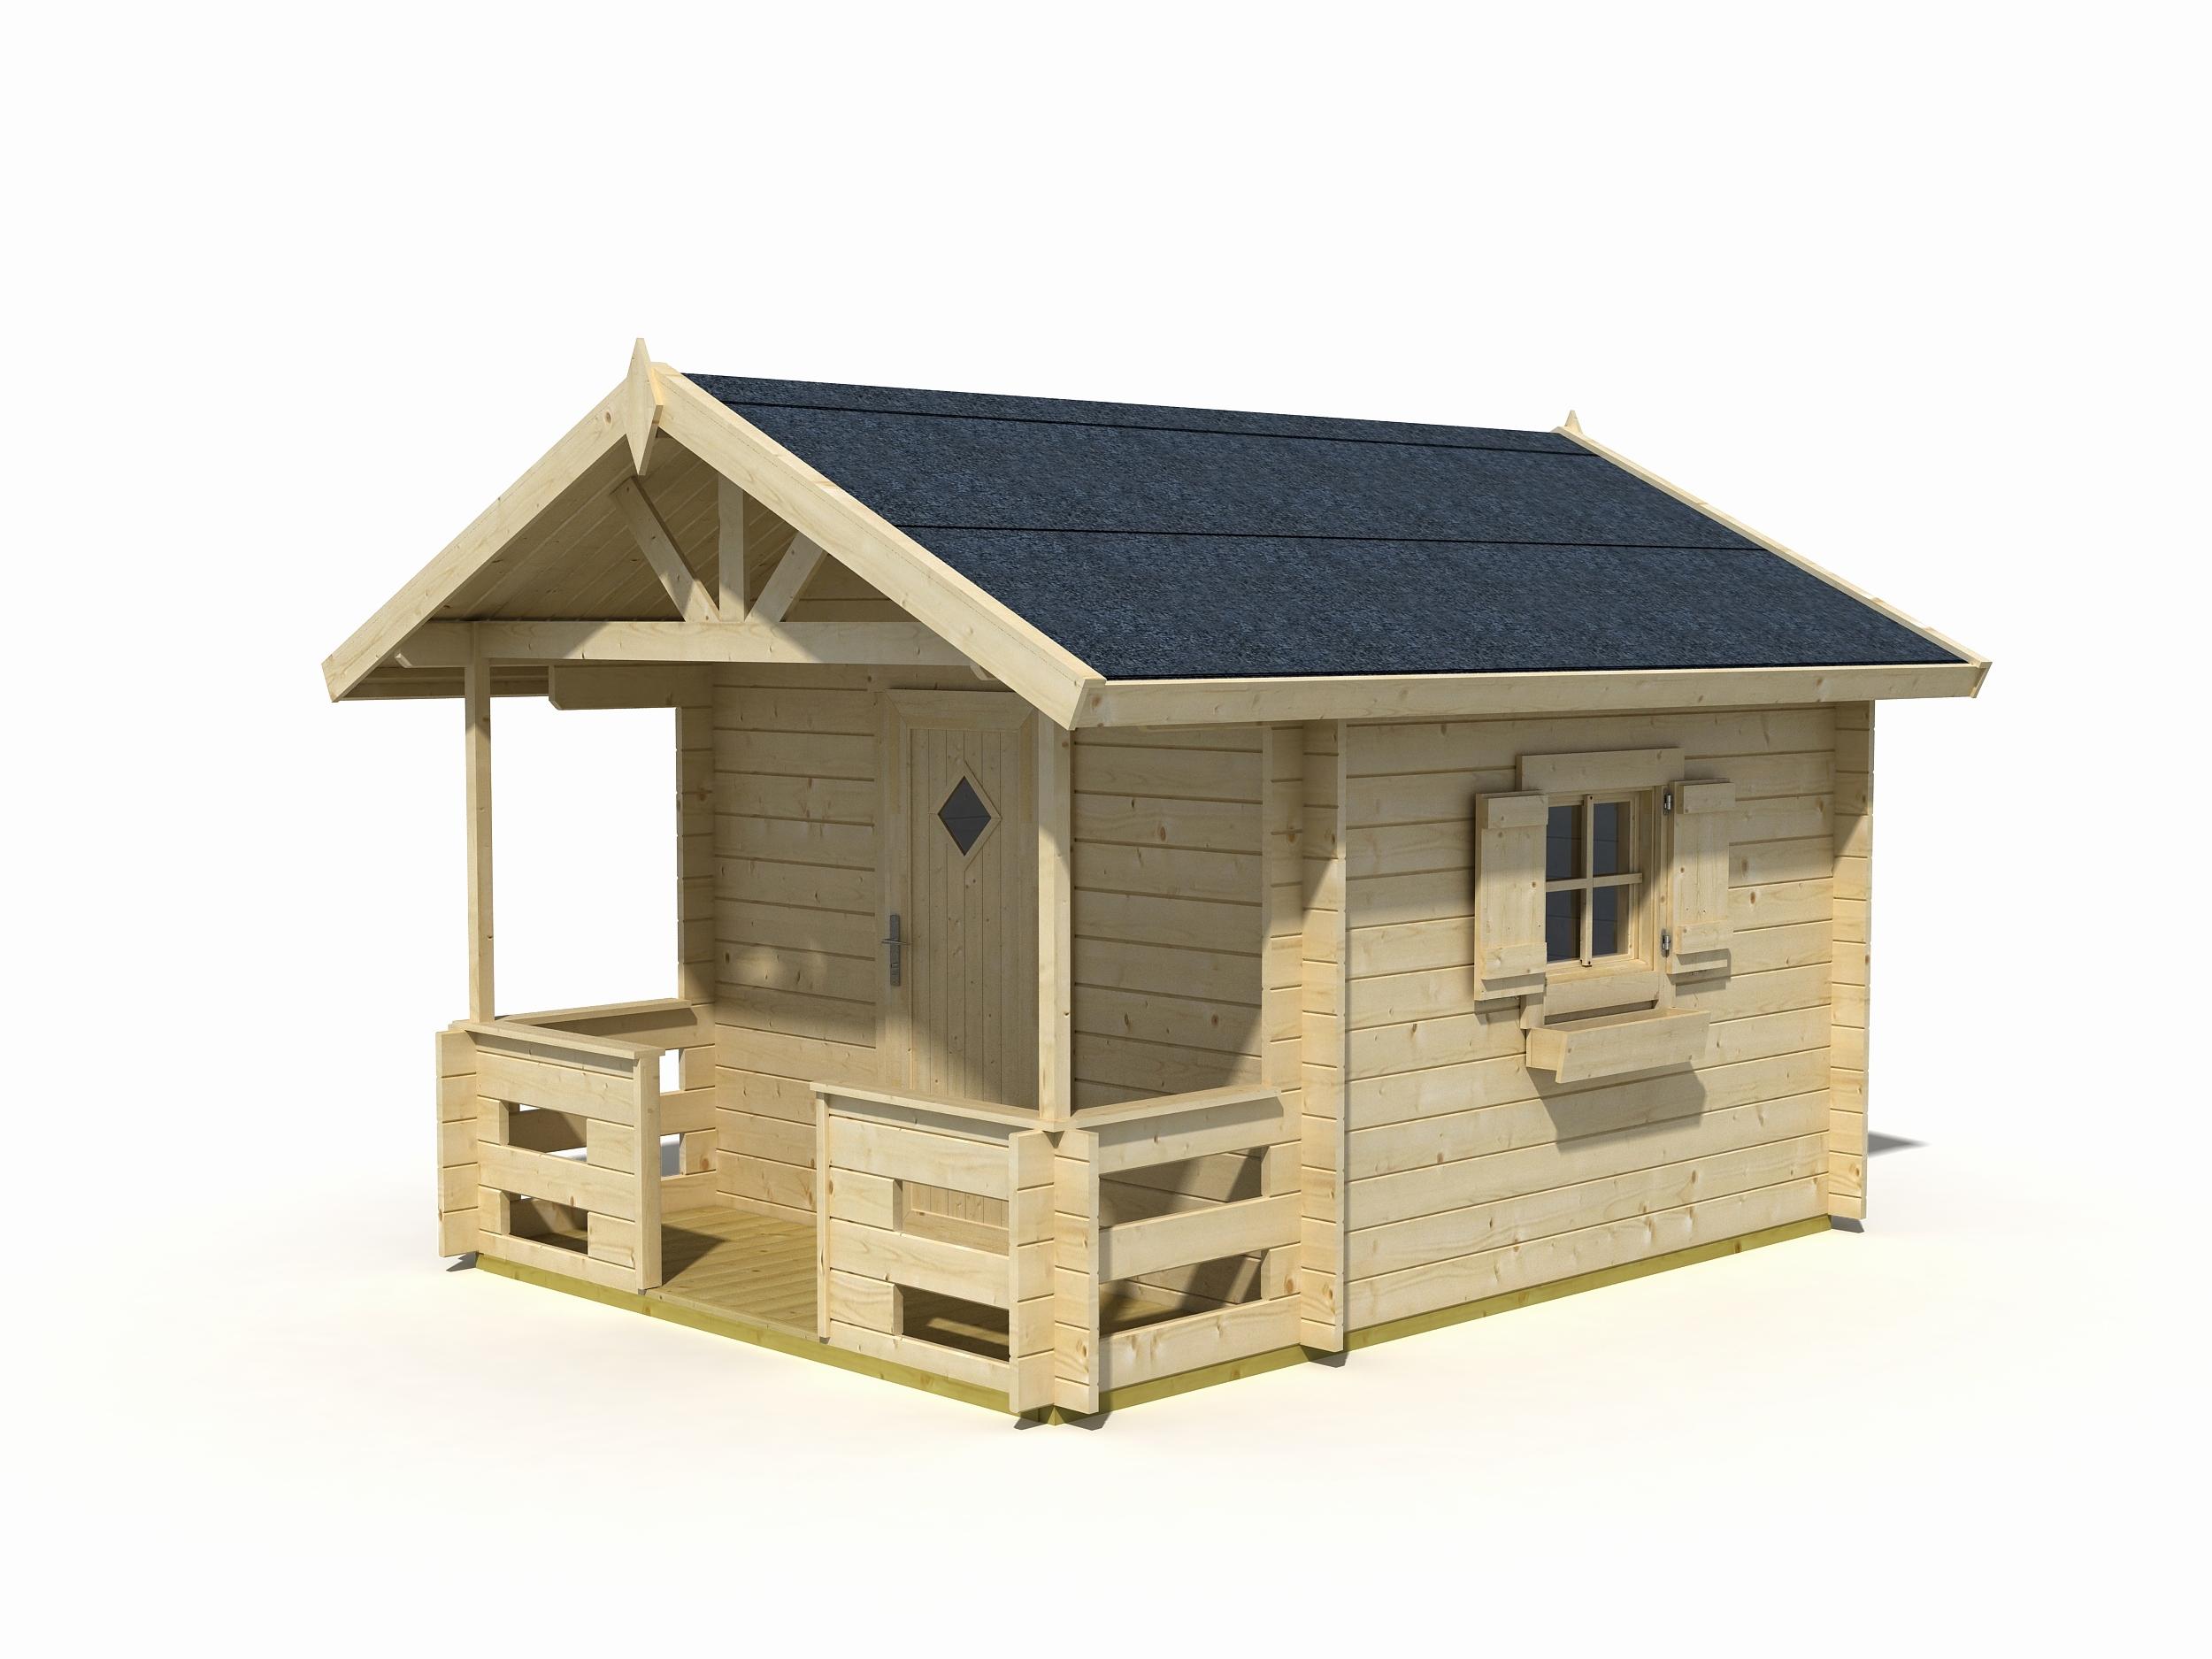 abri de jardin avec terrasse pas cher ch let maison et. Black Bedroom Furniture Sets. Home Design Ideas